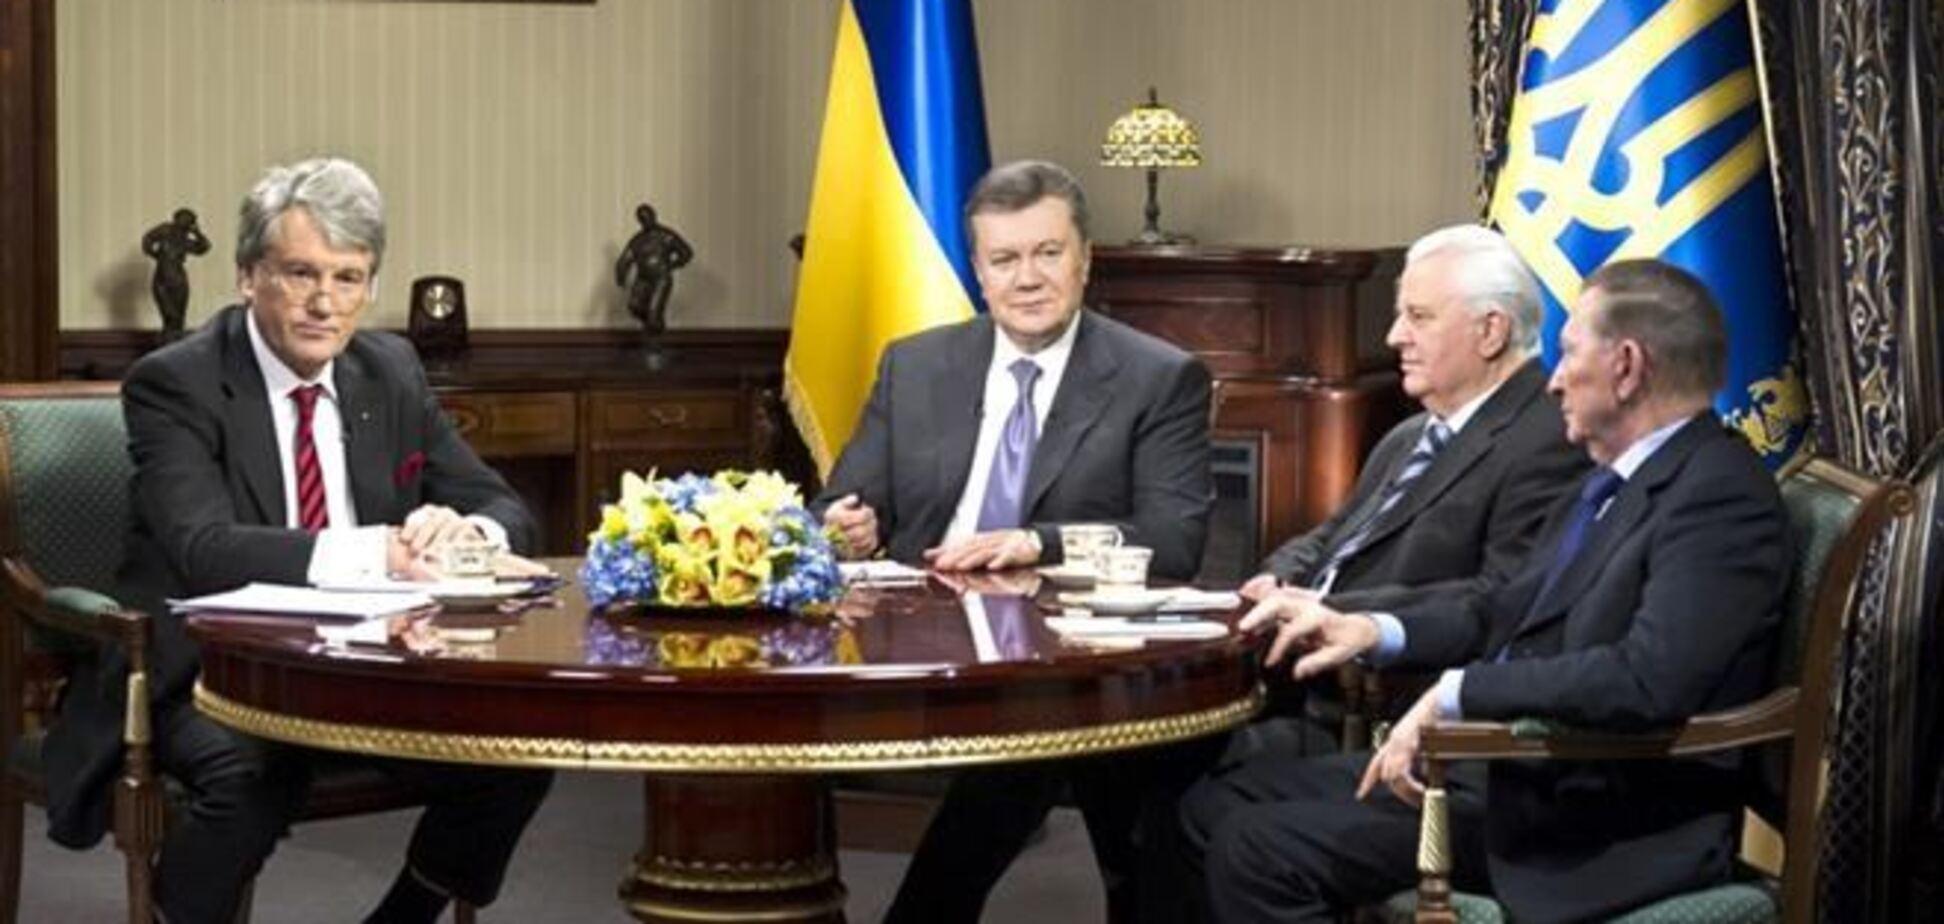 ОБОЗ.TV: 10 декабря за одну минуту